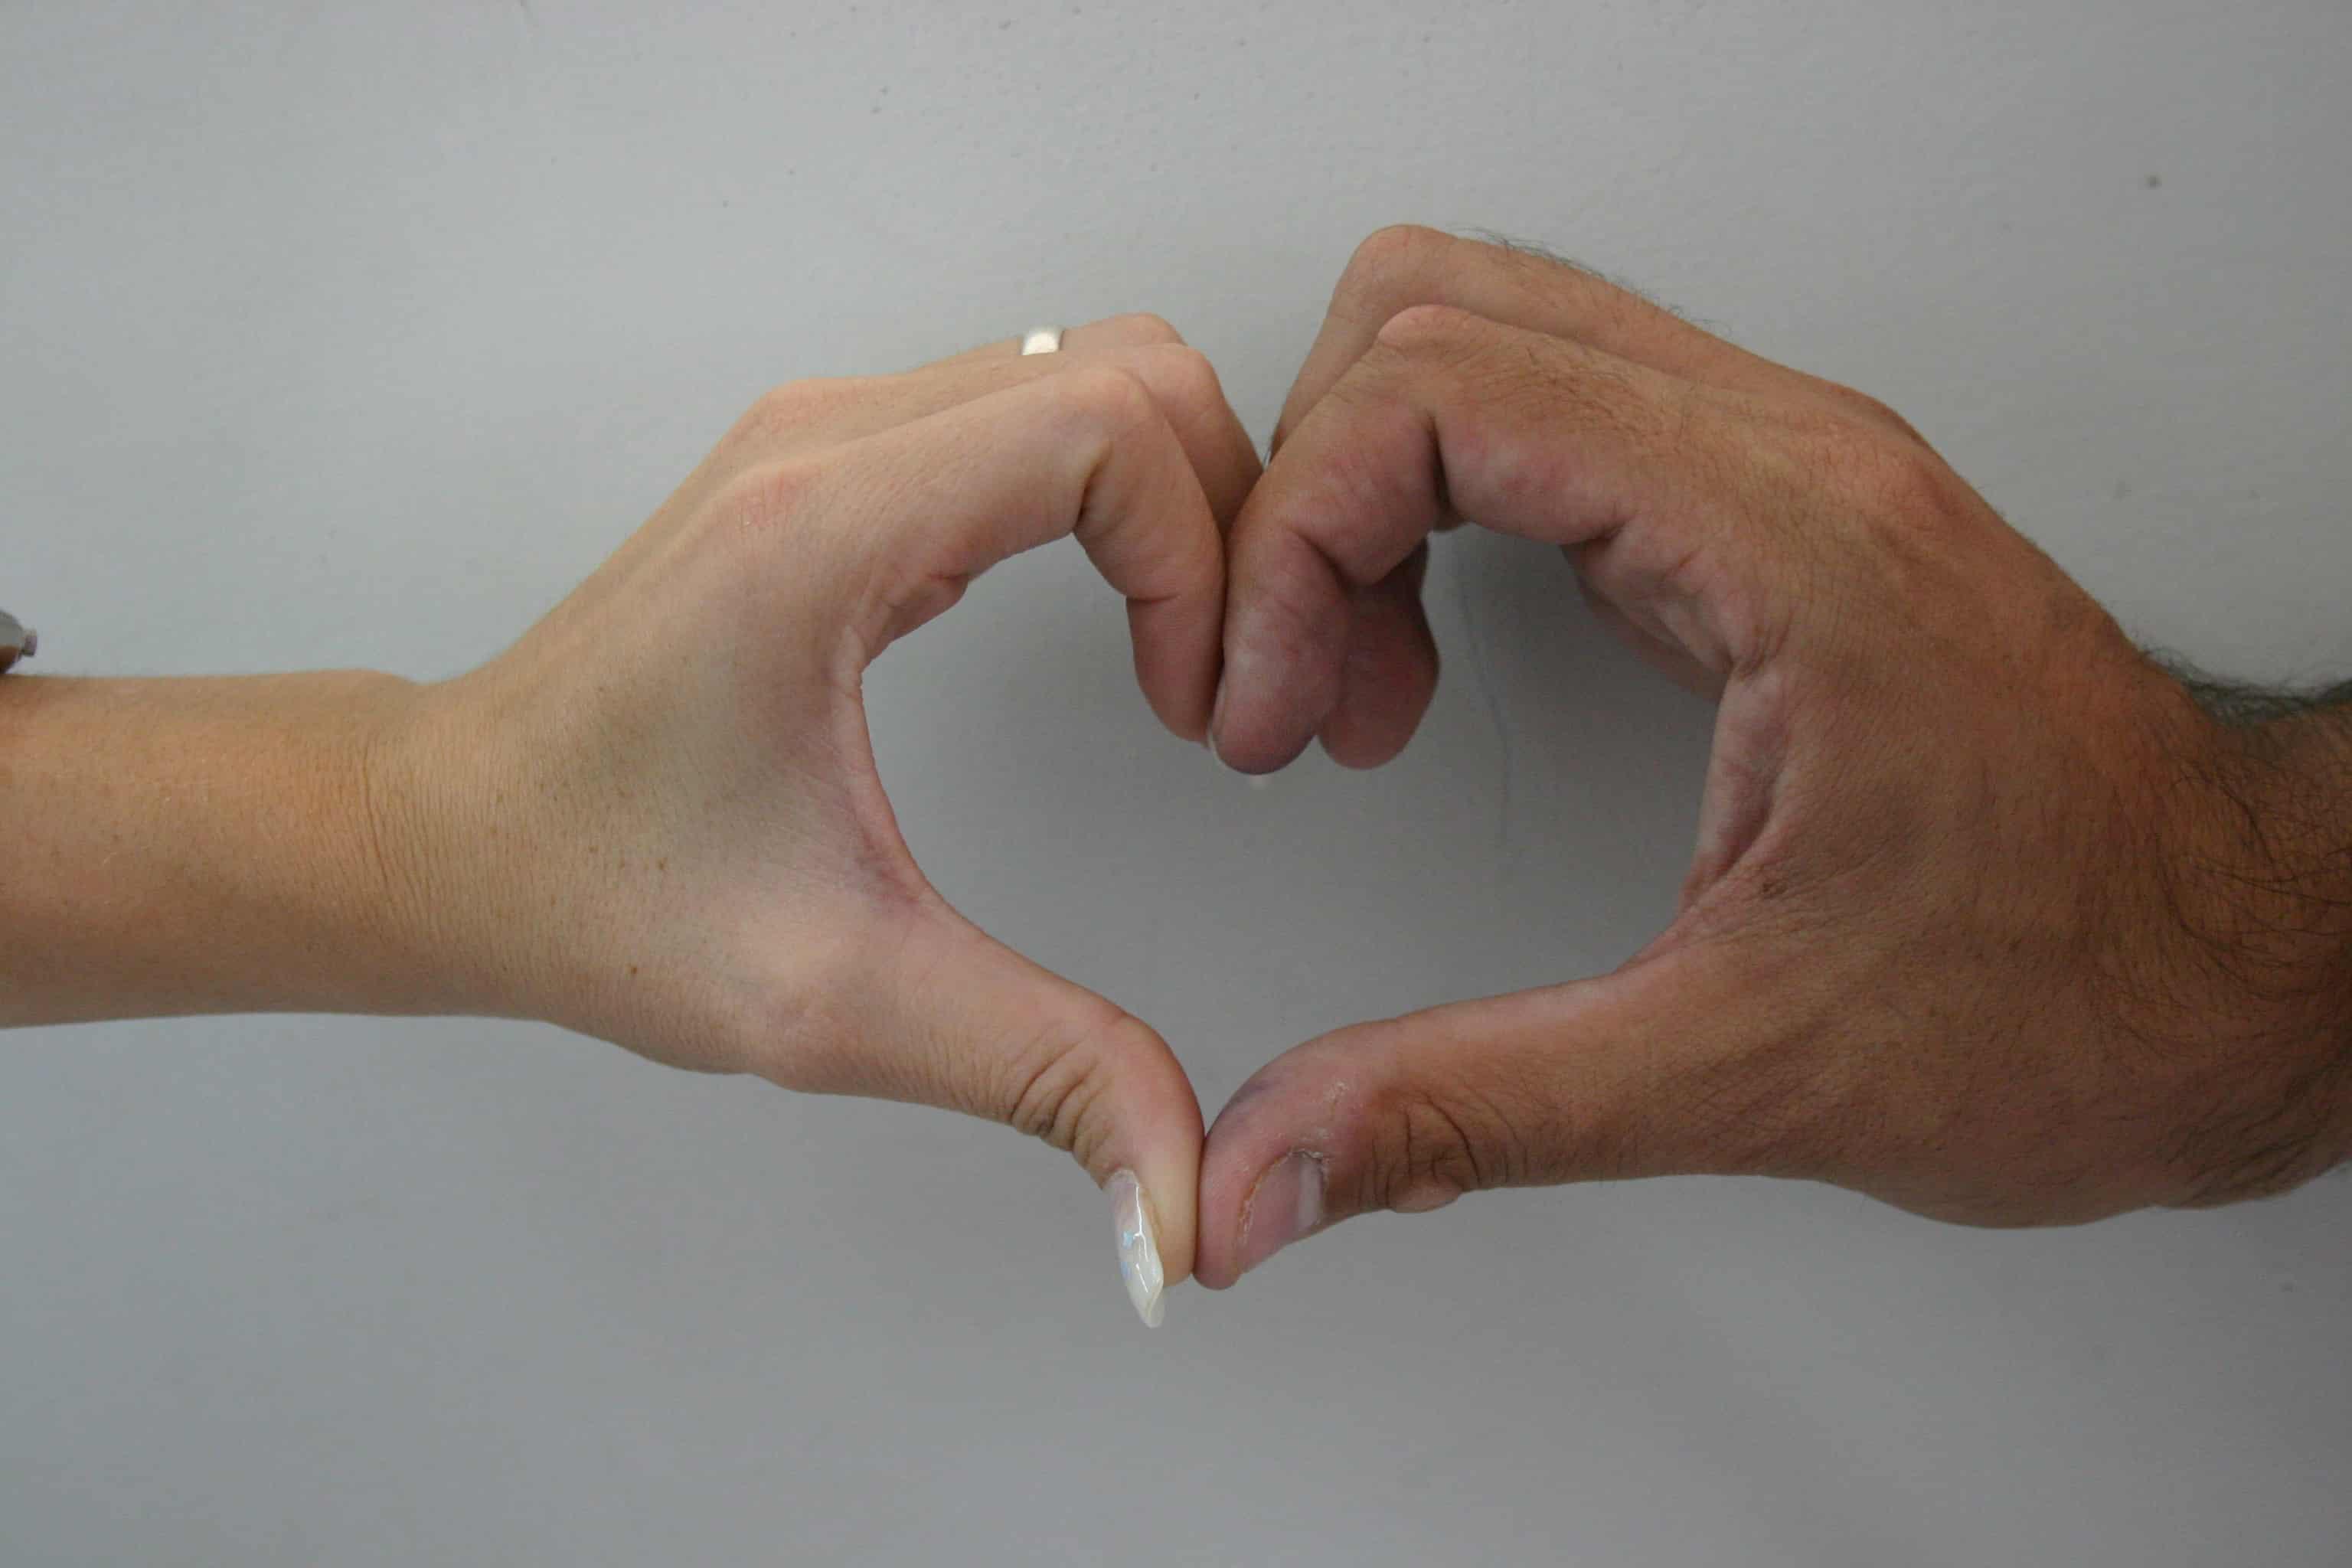 Фото пальцем мужу 2 фотография